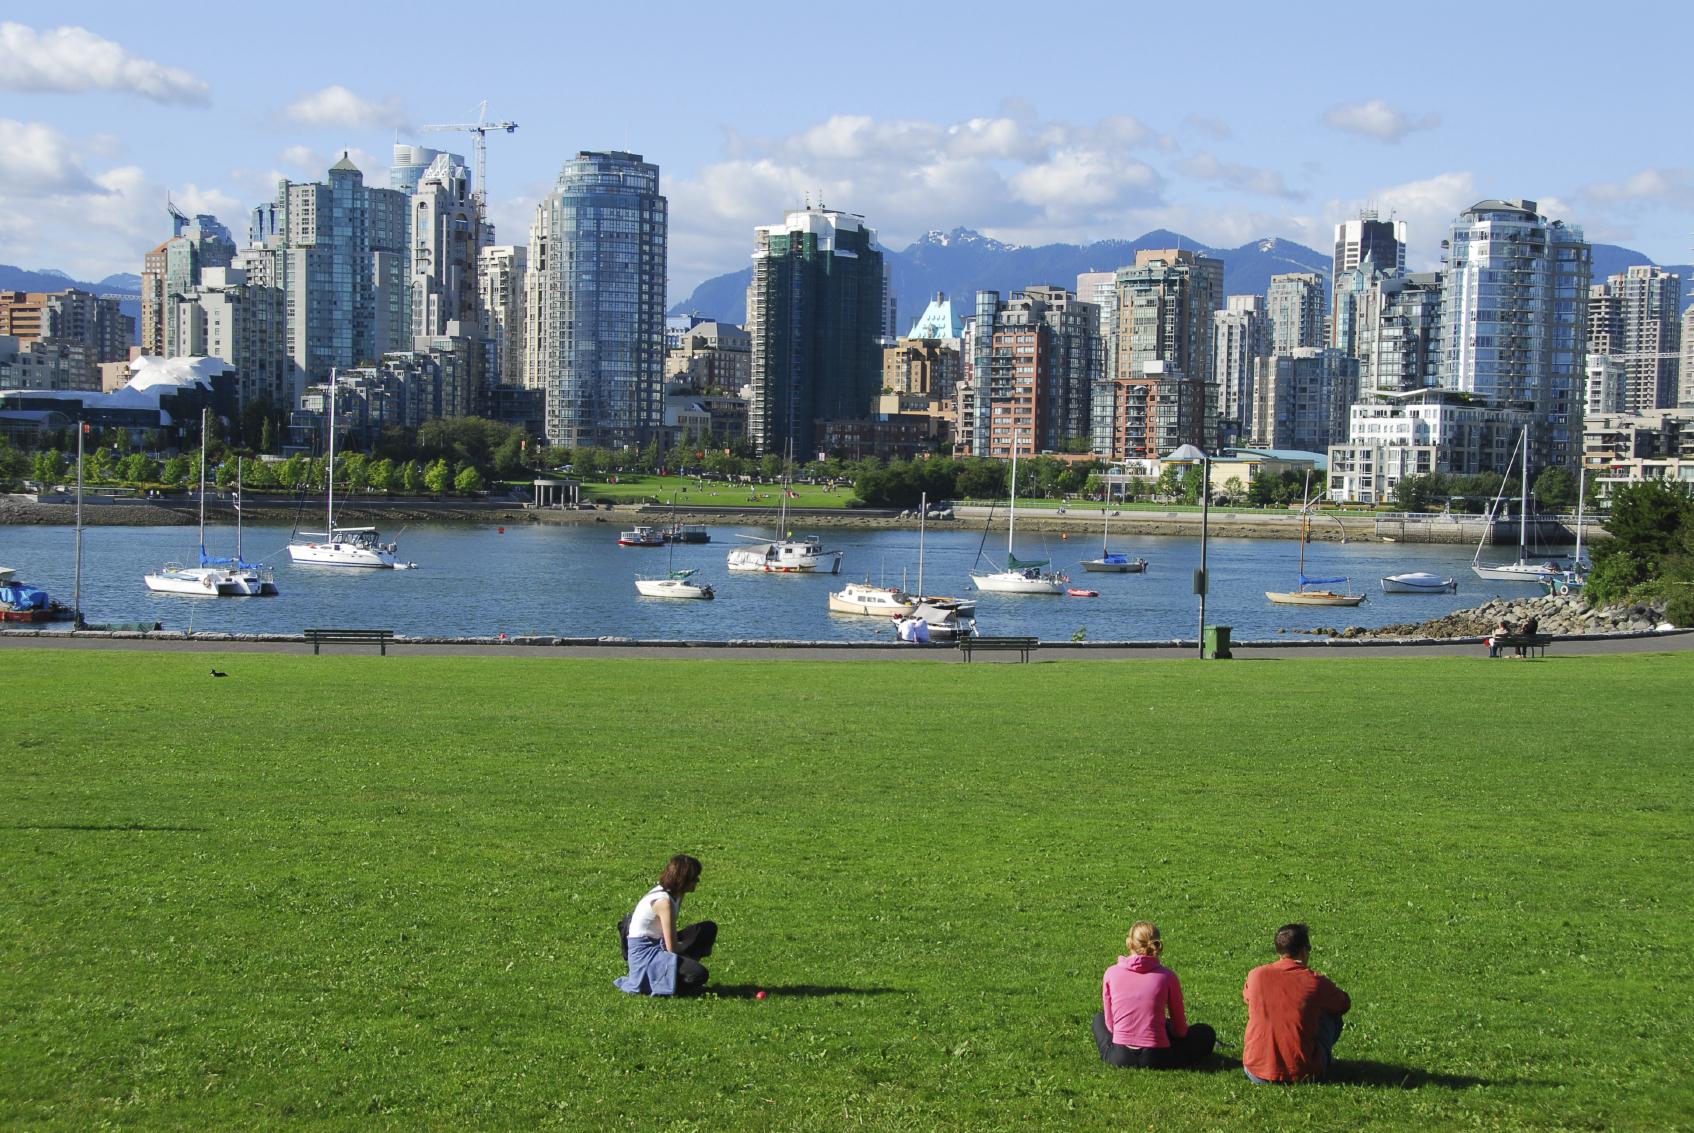 craigslist rencontres Vancouver aller papa datant modèle de site